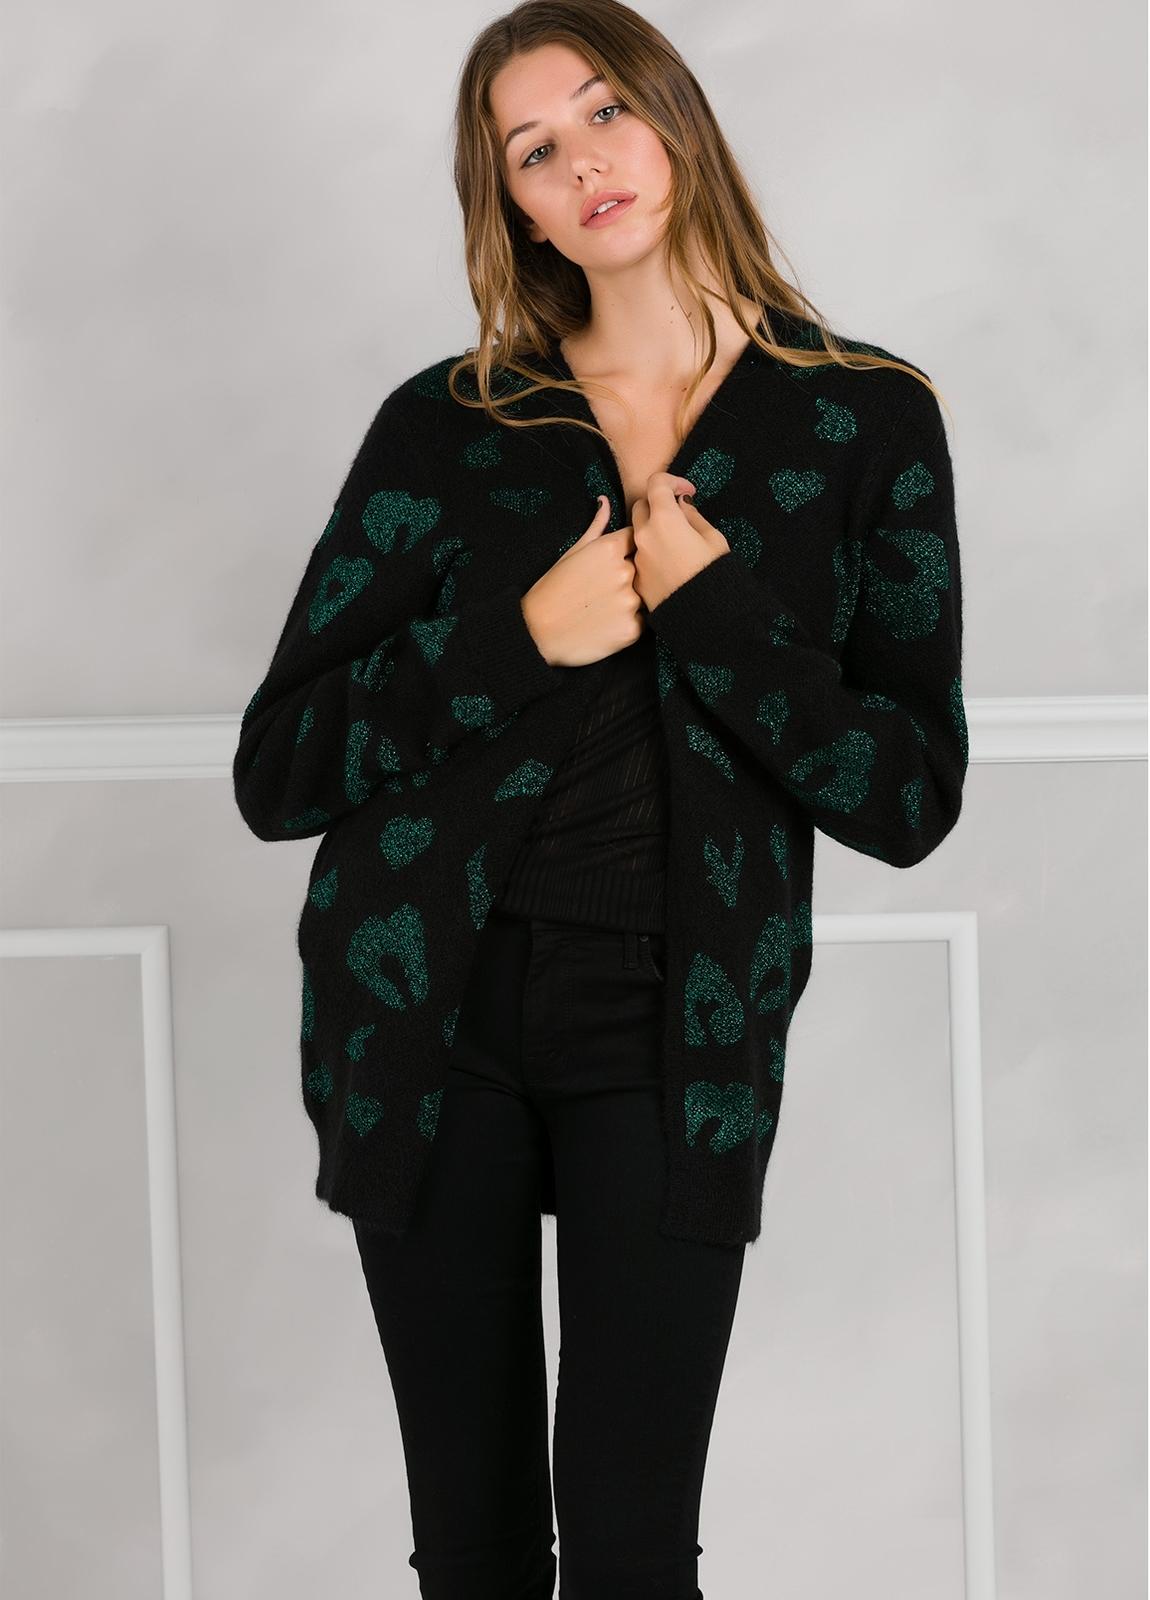 Chaqueta woman color negro con estampado leopardo color verde. - Ítem3